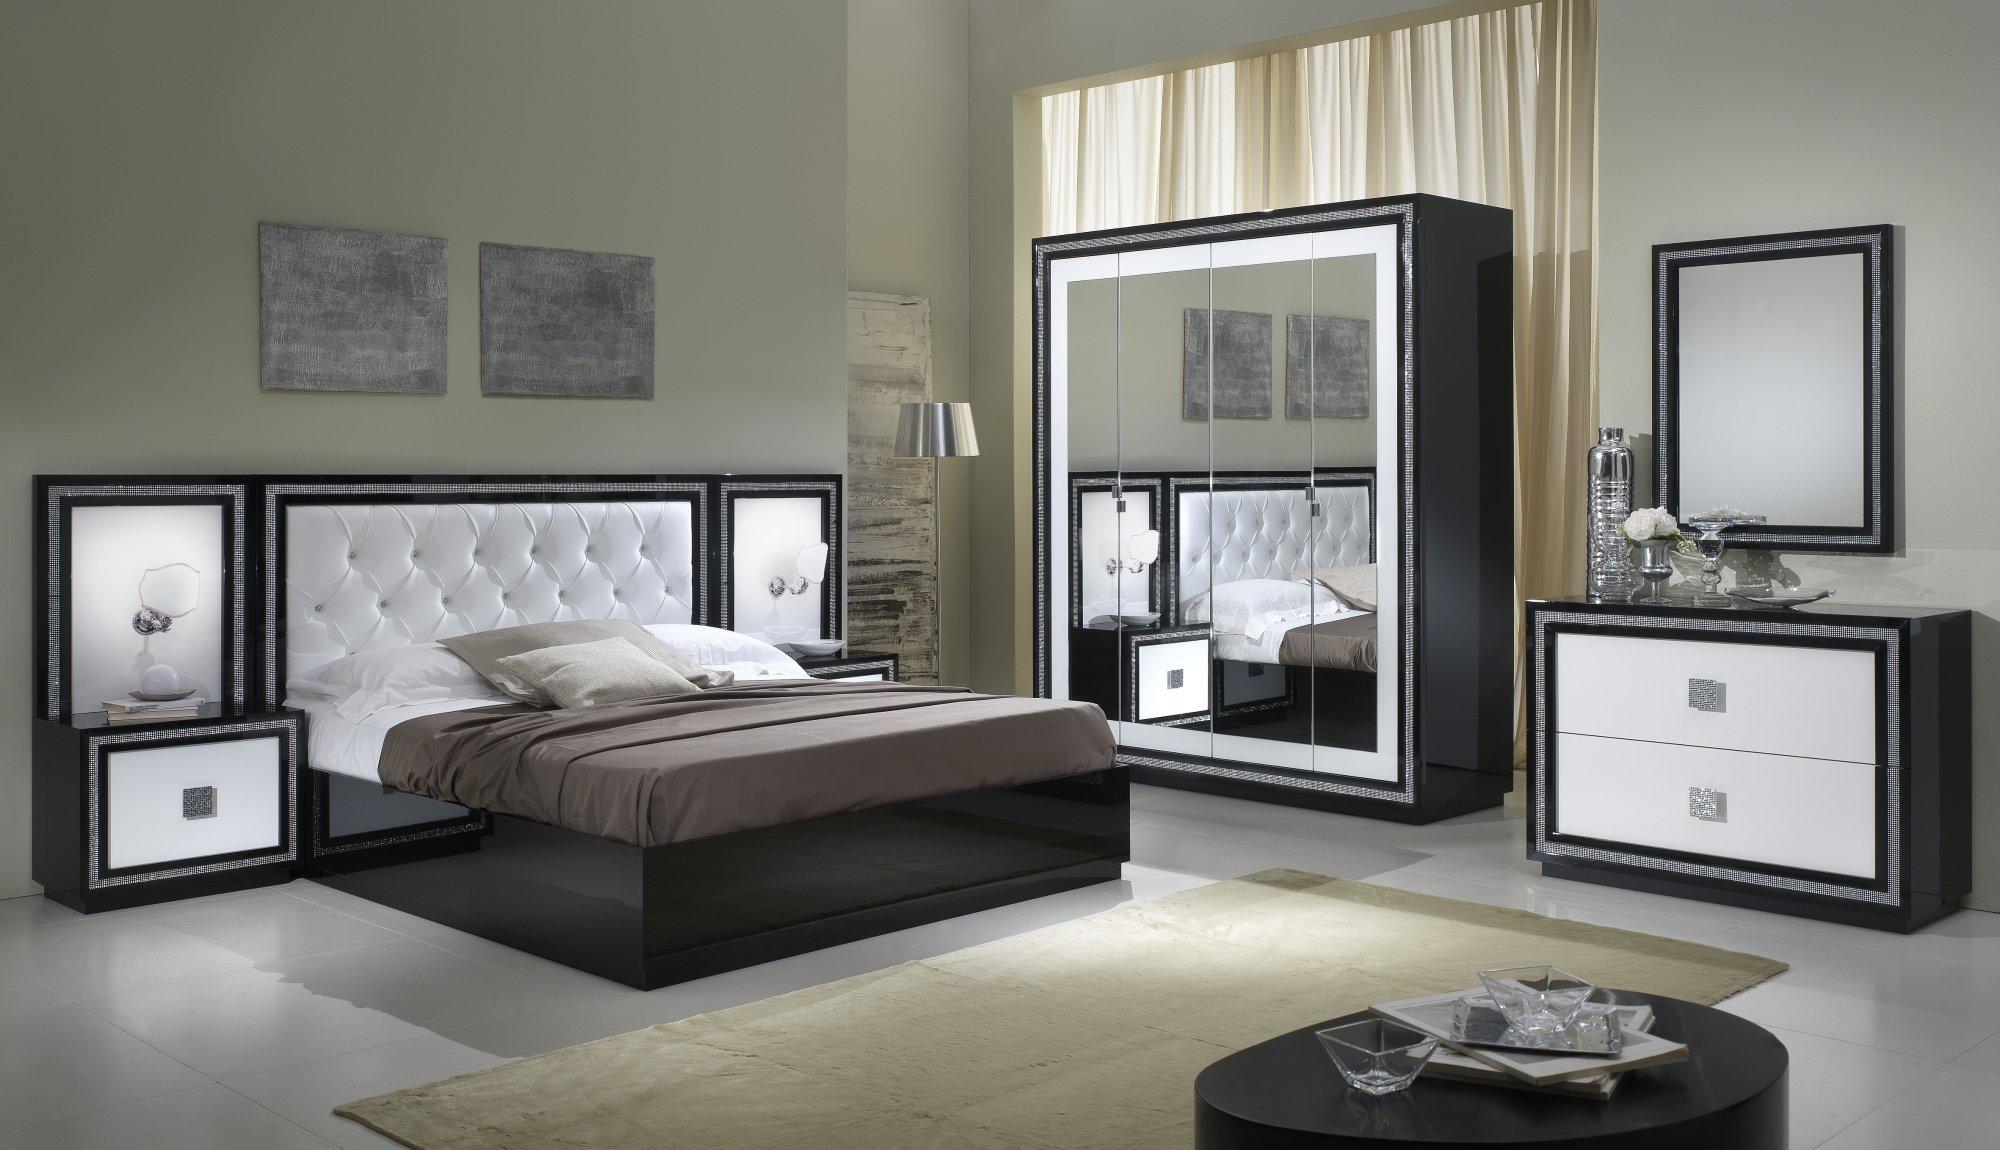 Chambre adulte complète design laquée blanche et noire Appoline ...